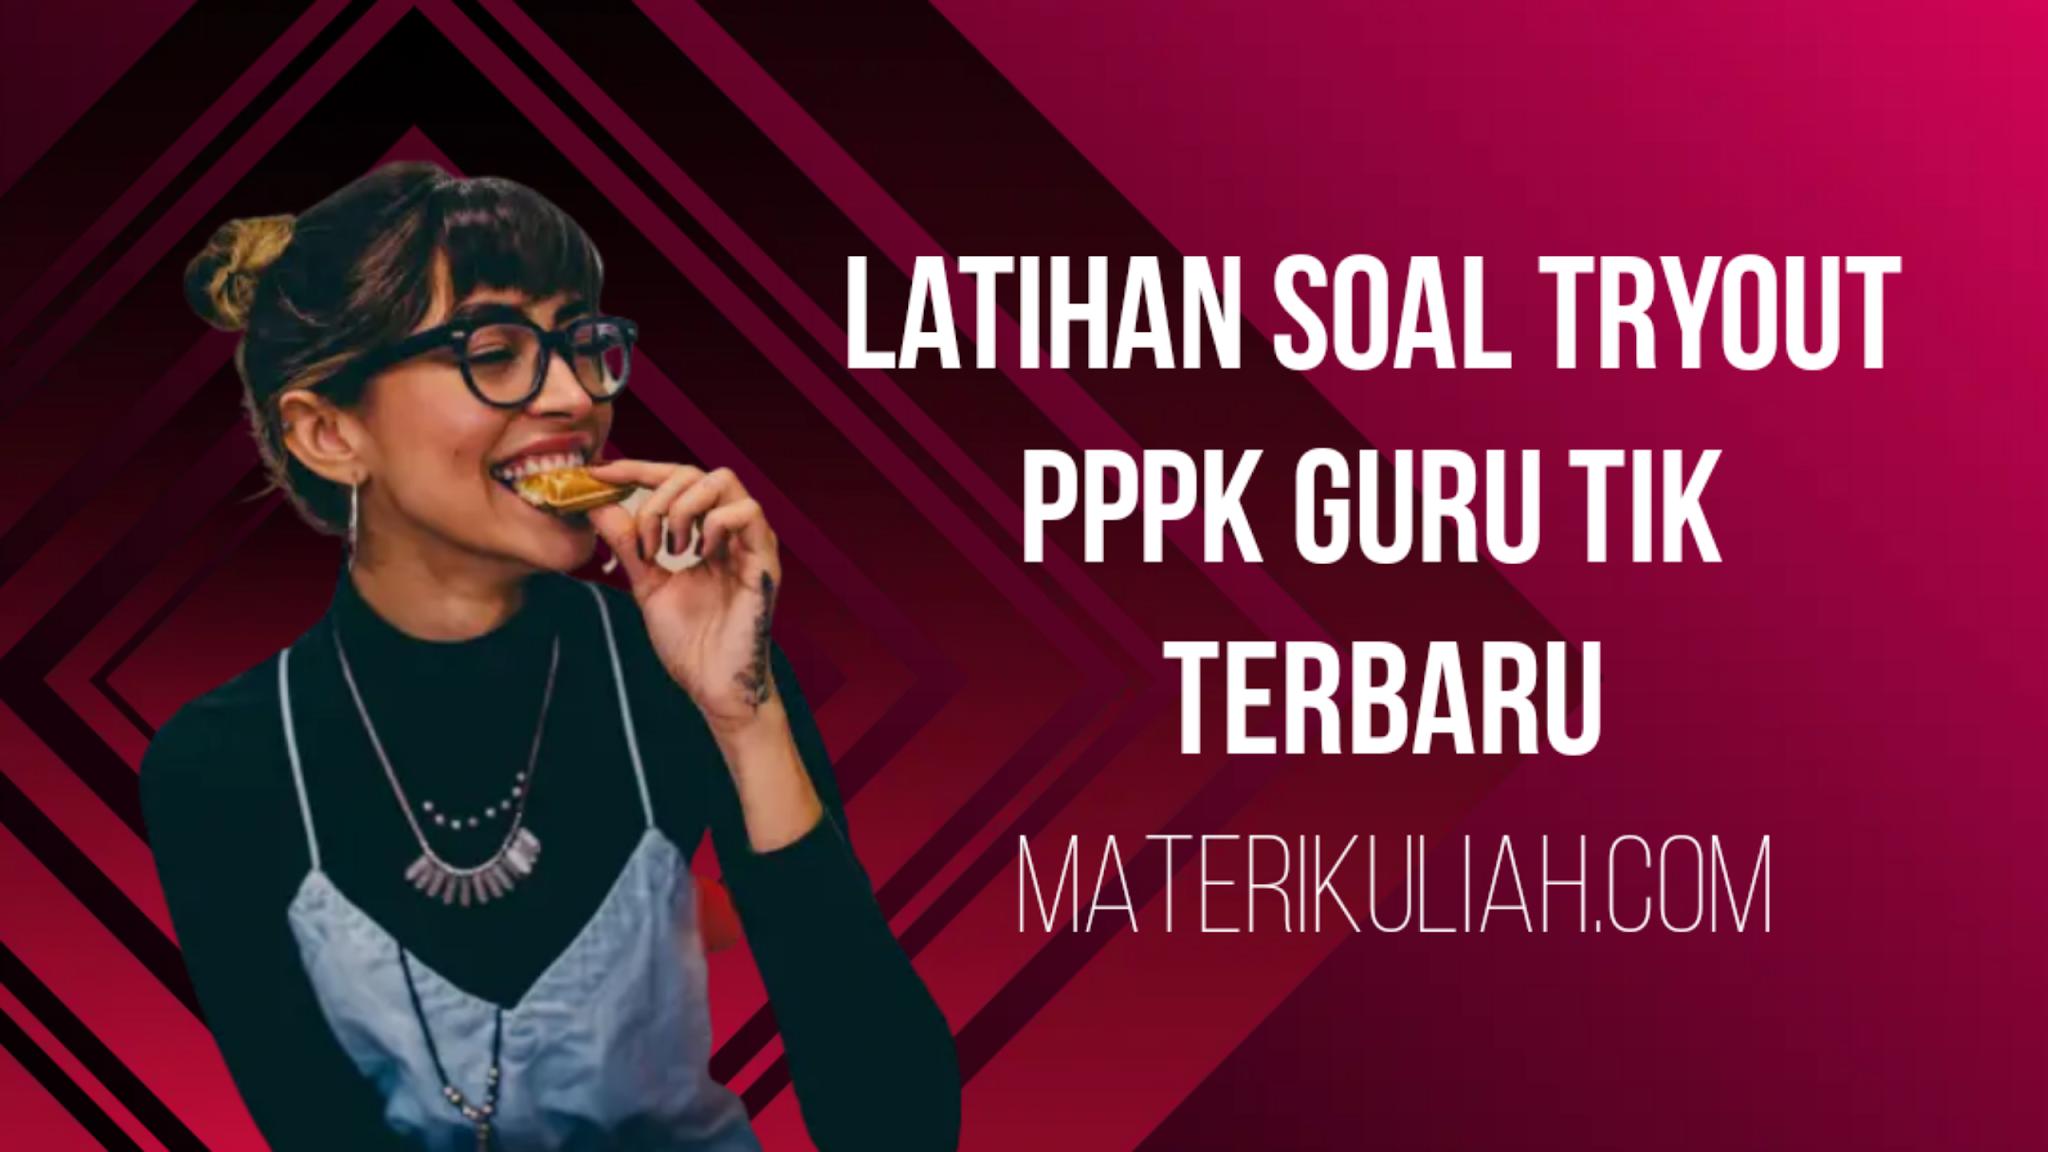 Latihan Soal Tryout PPPK Guru TIK Terbaru